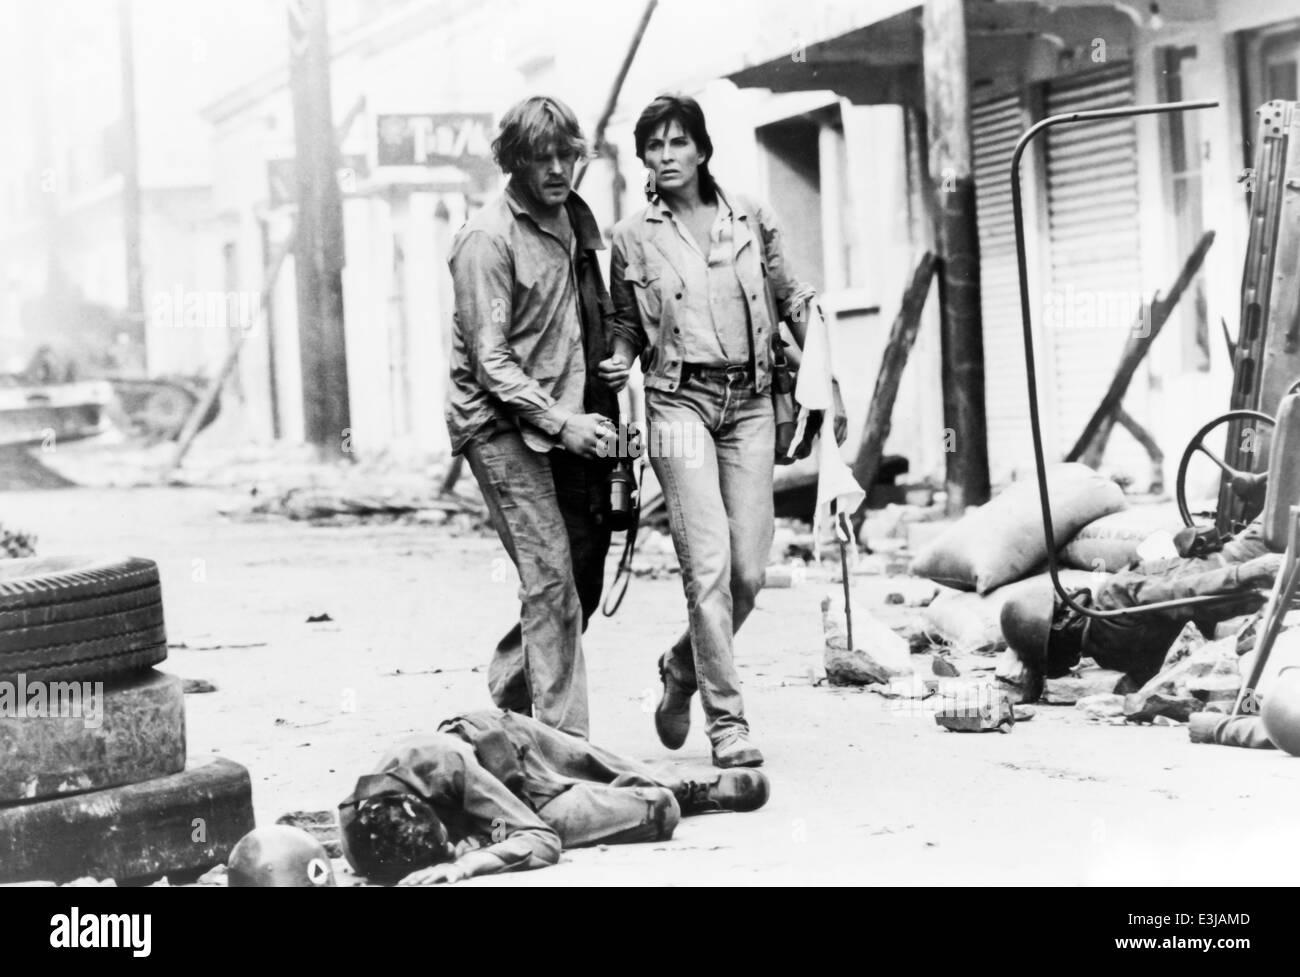 Nick Nolte,JOANNA CASSIDY,sotto il fuoco,1983 Immagini Stock